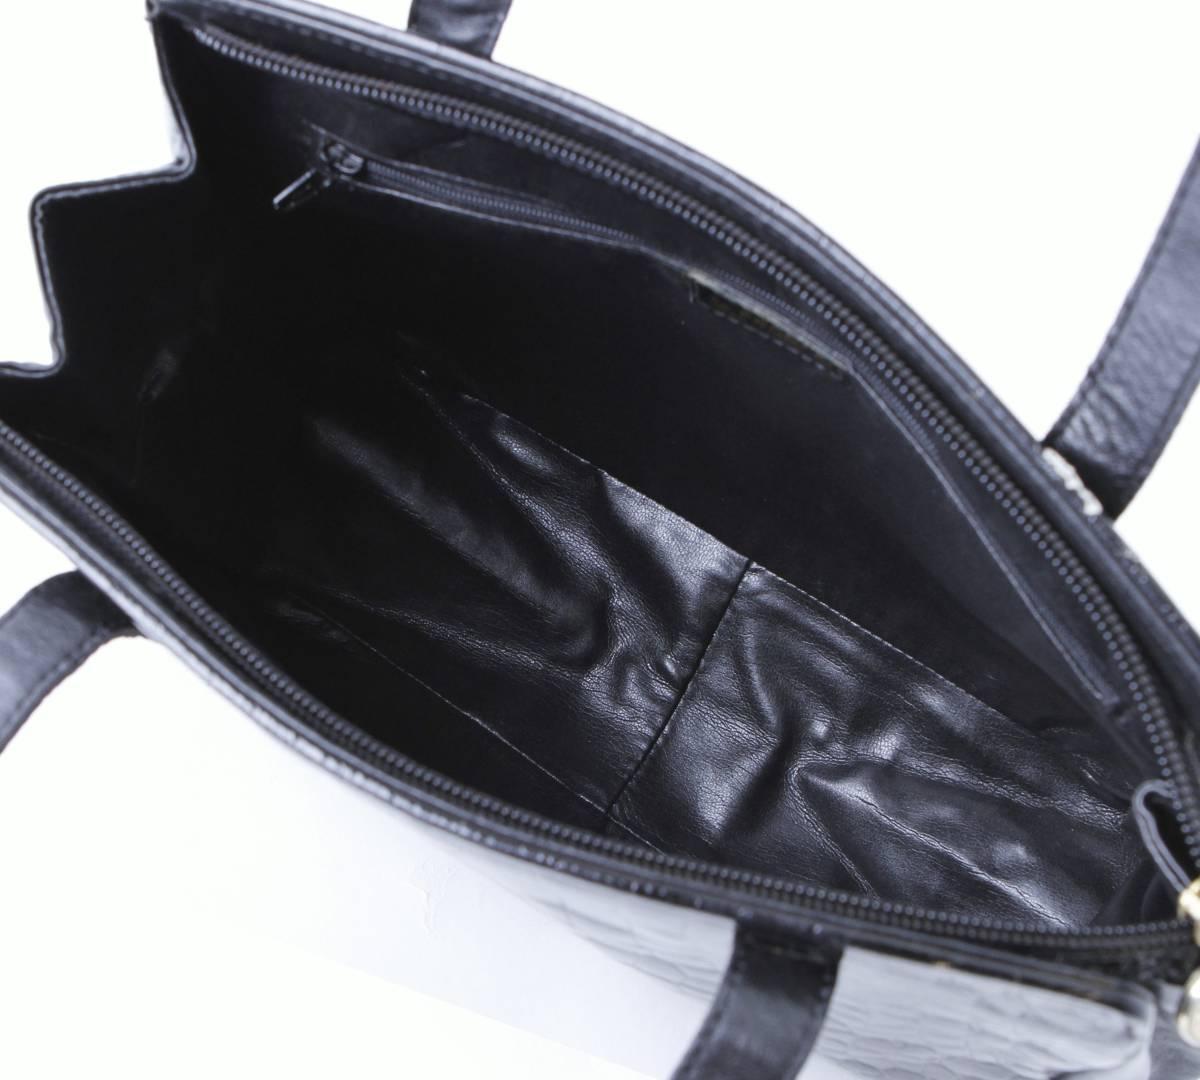 美品 FENDI フェンディ 本ワニ革 クロコダイル ×レザー トートバッグ ショルダーバッグ イタリア製 黒 ブラック ヴィンテージ_画像9